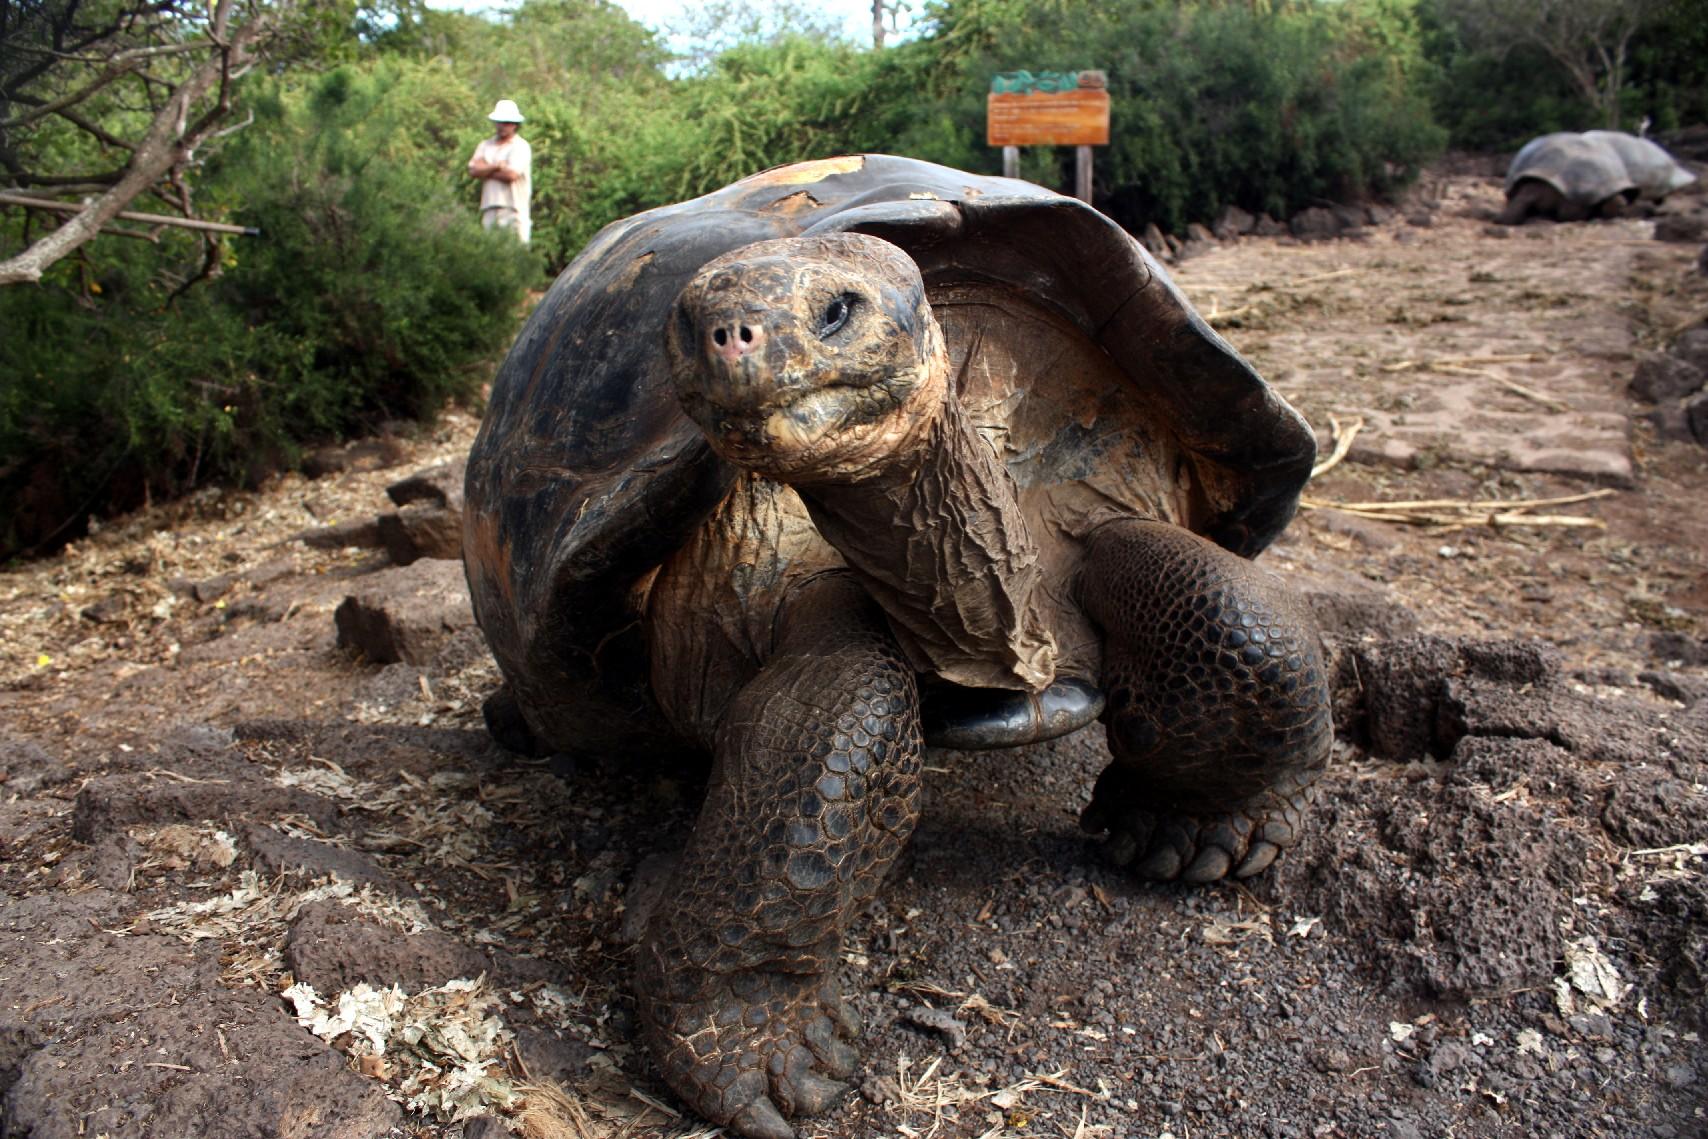 Tartarugas gigantes da Fundação Charles Darwin, no arquipélago de Galápagos (foto: Eduardo Vessoni)